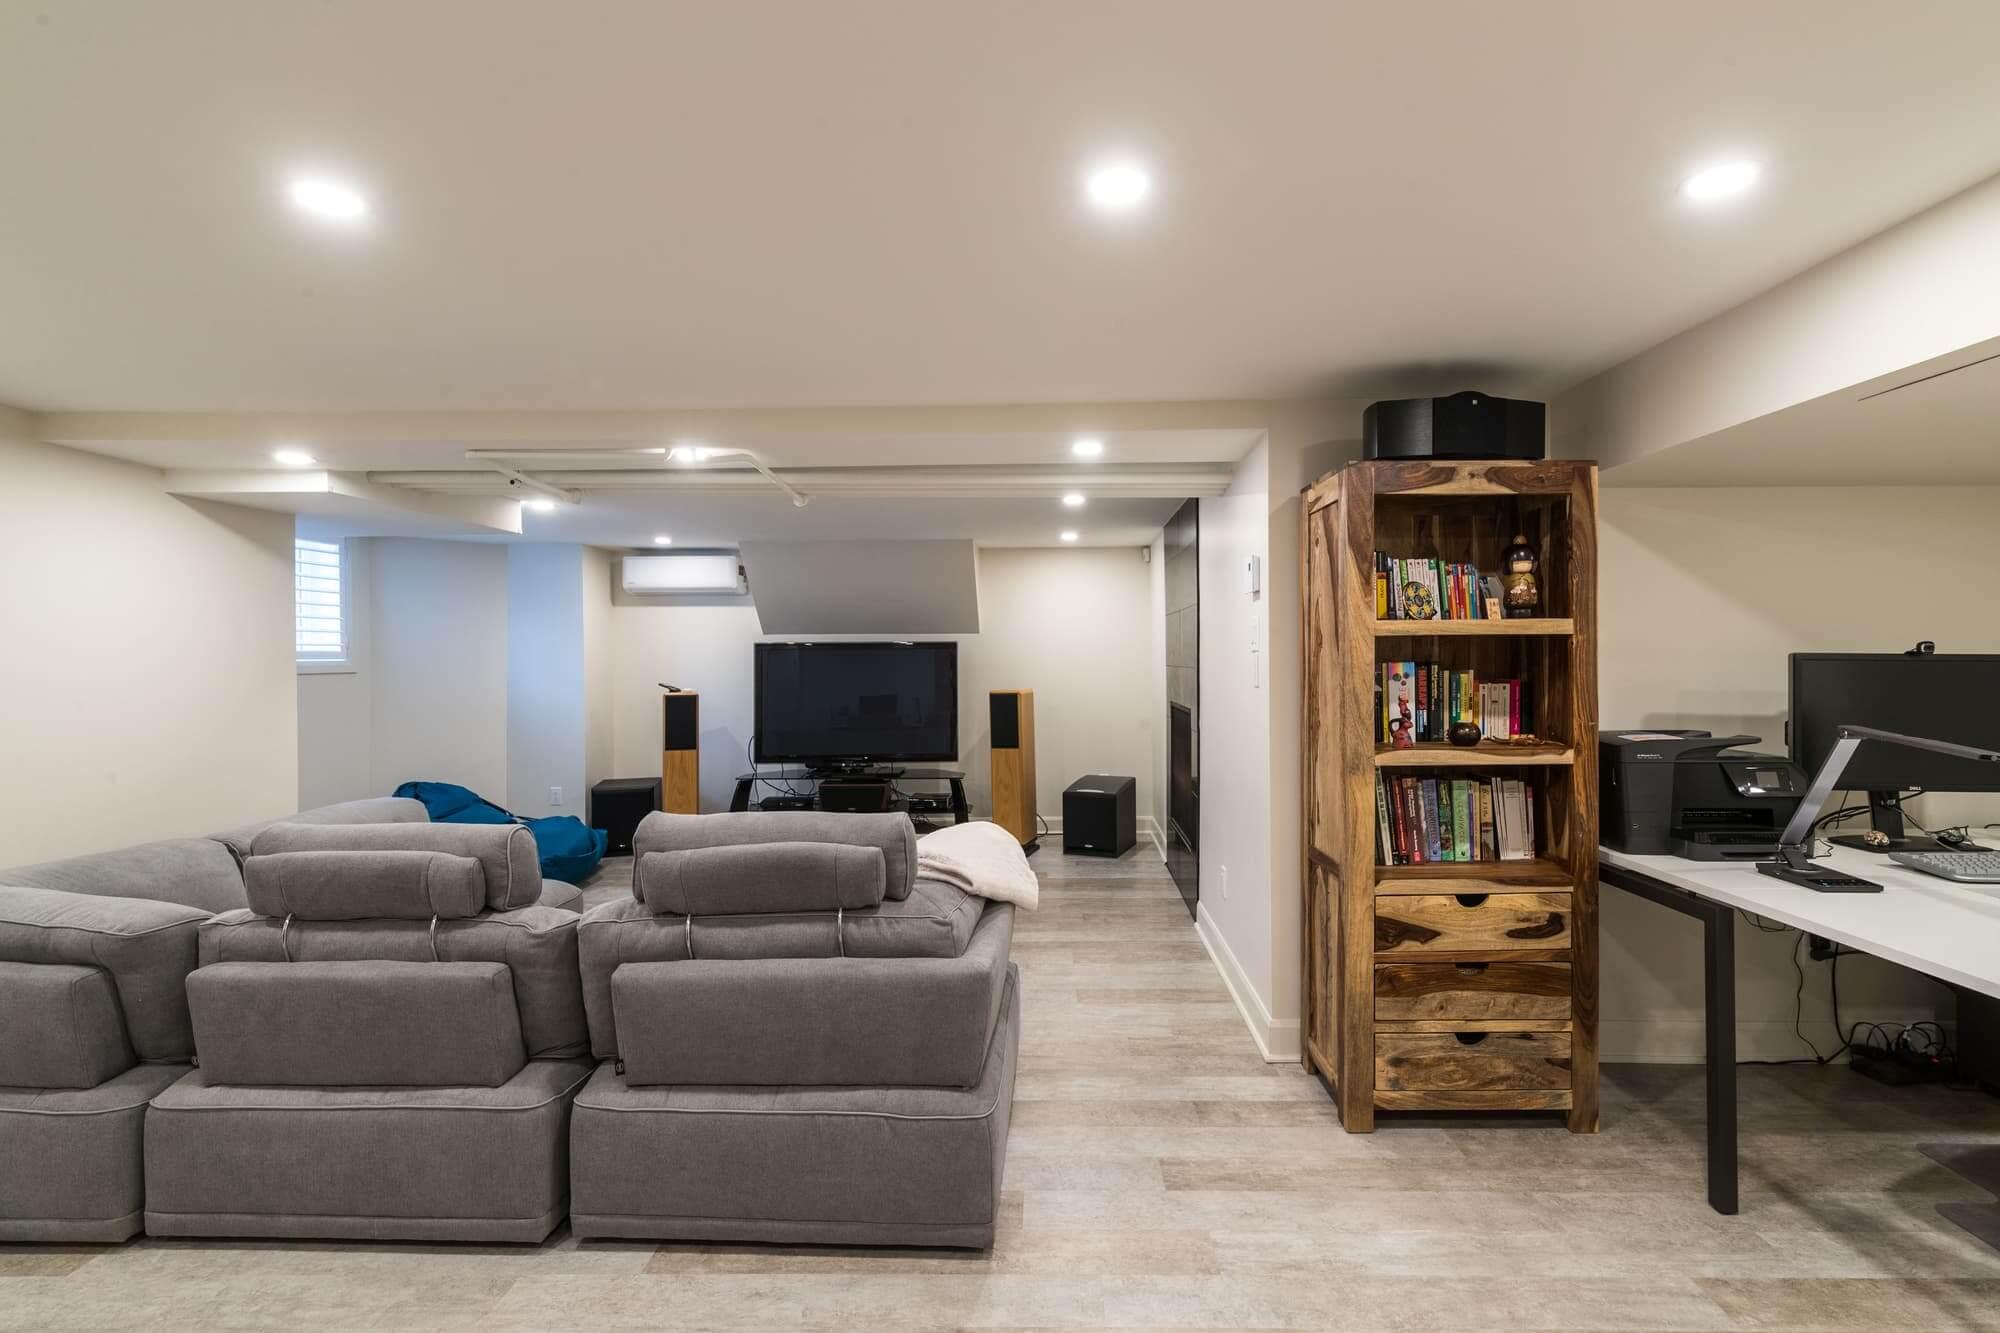 Eclairage Sous Sol Maison exemple de projet d'aménagement de sous-sol avec photos et prix